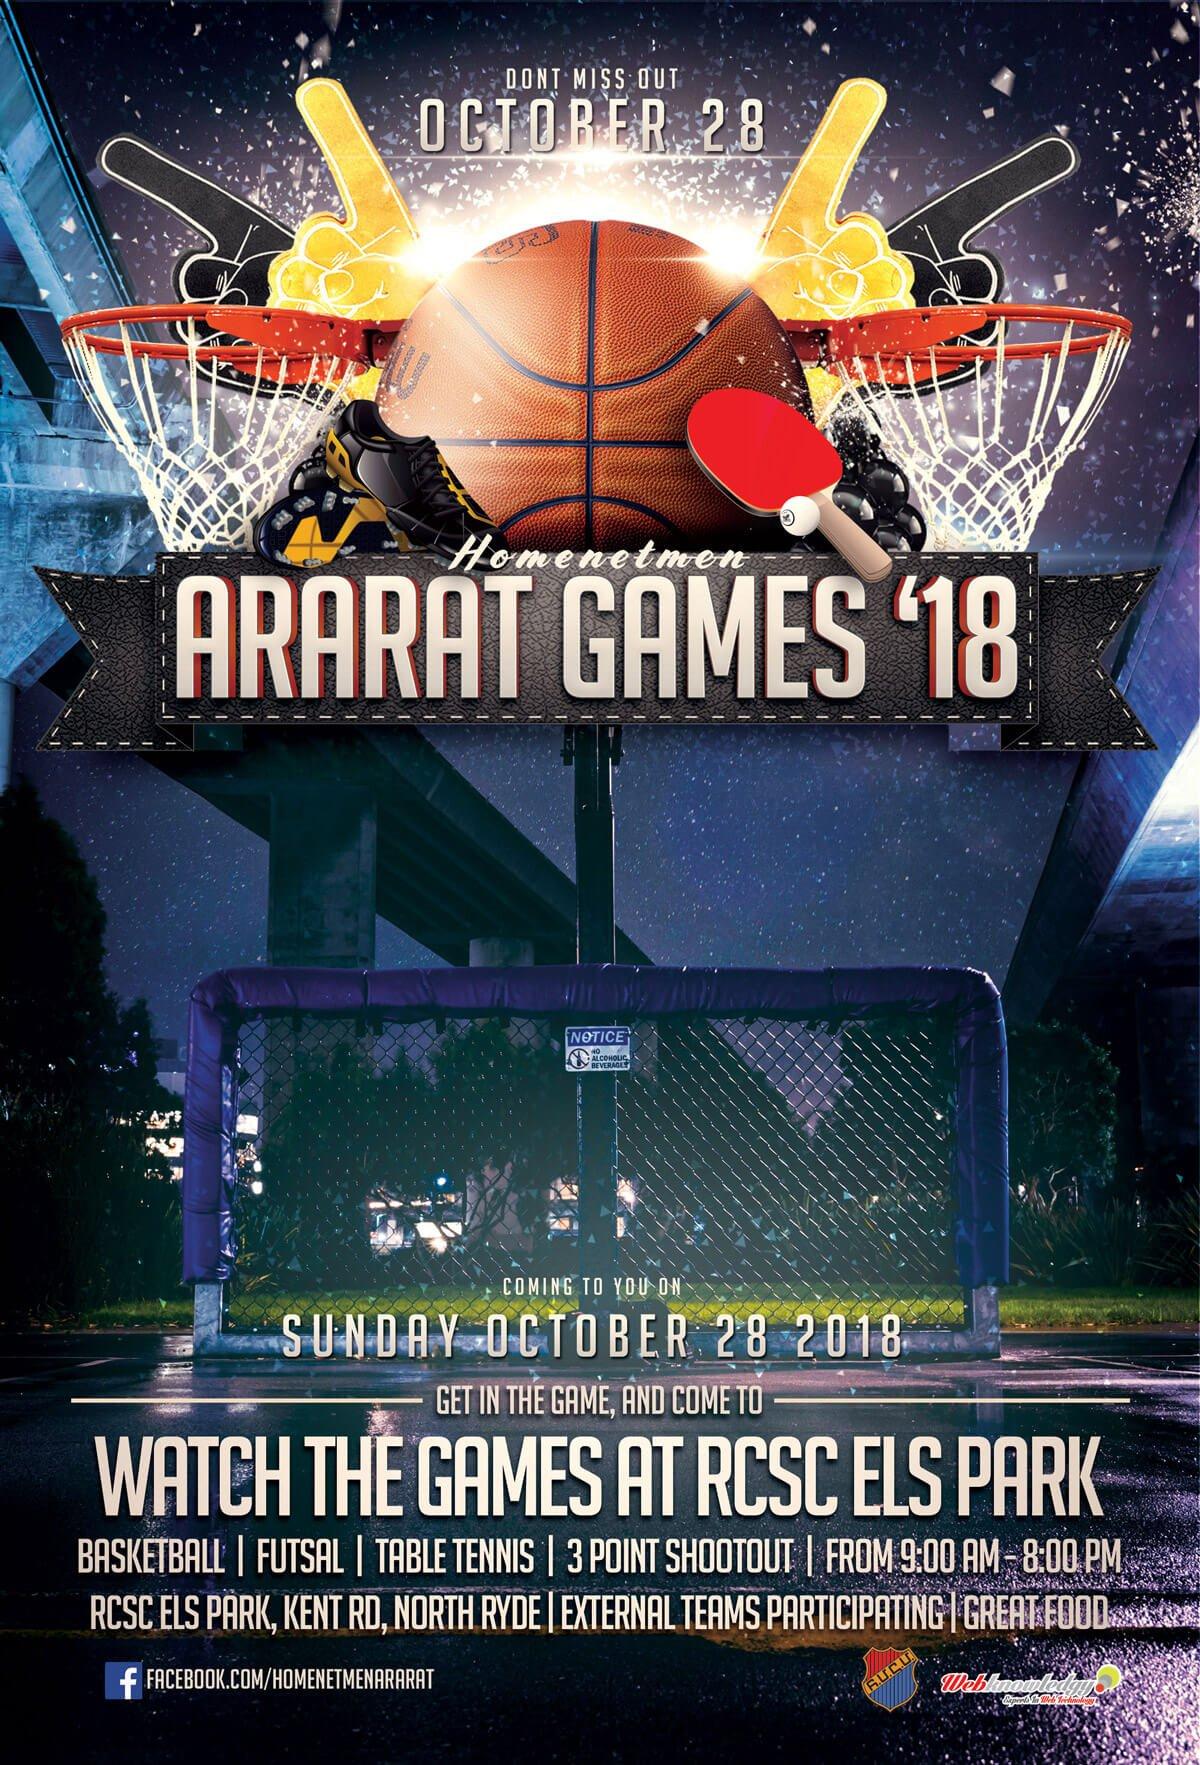 AraratGames2018_A4-web